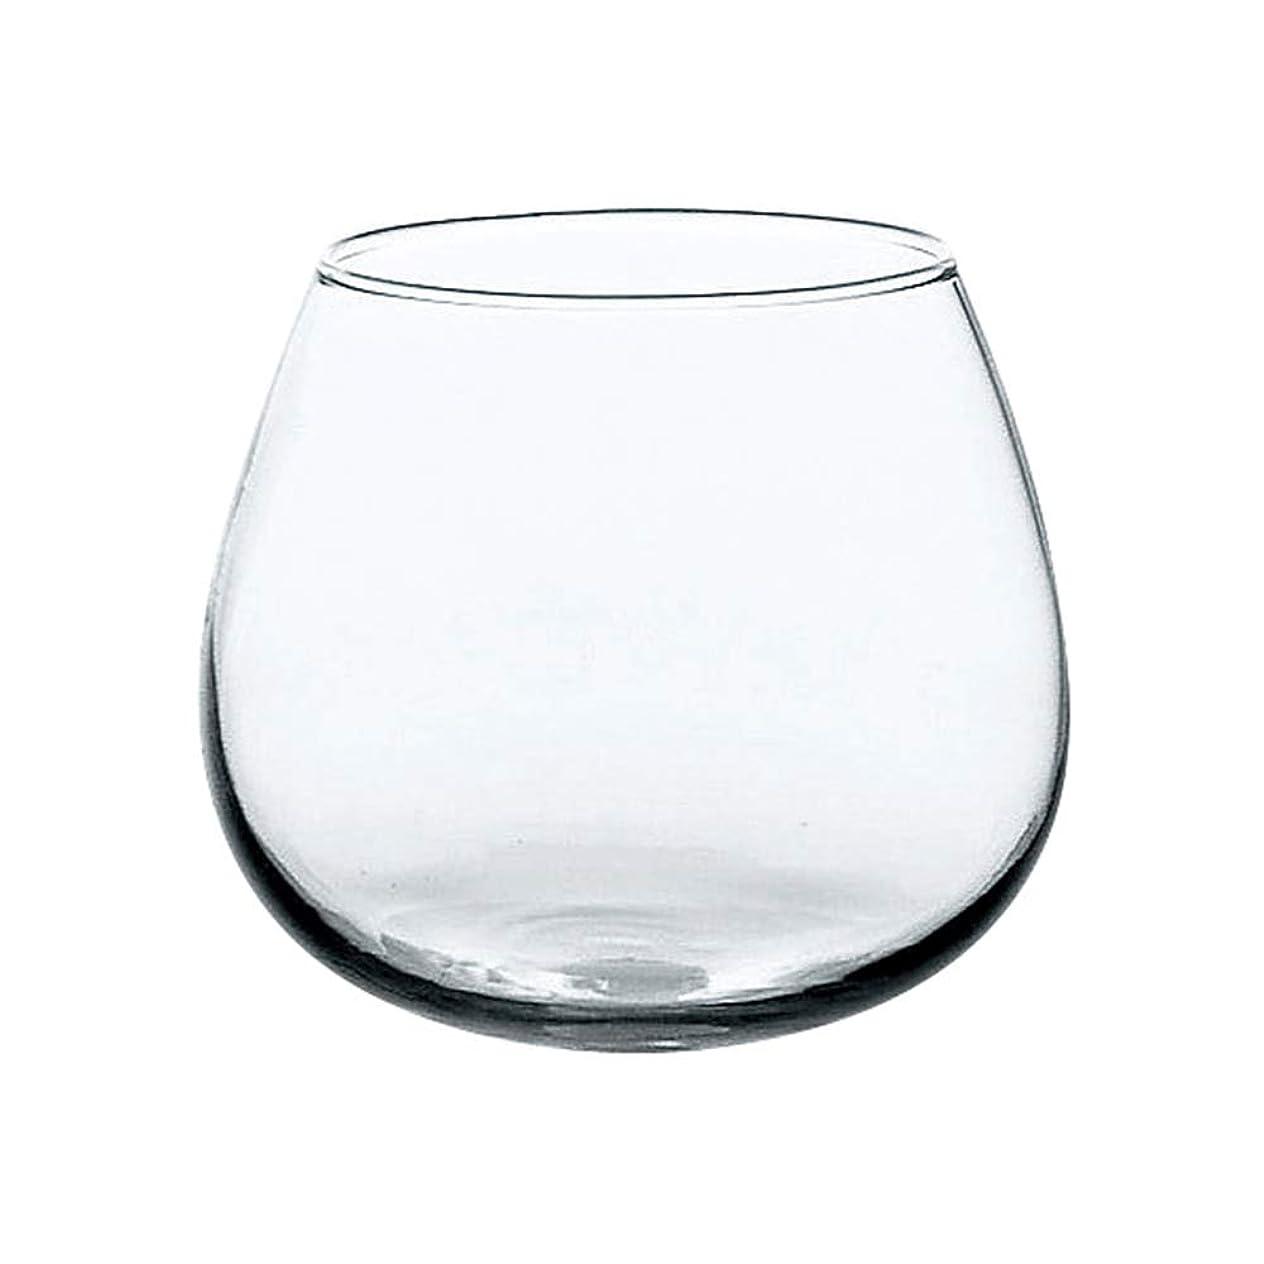 ペンダント論理的に受け継ぐ東洋佐々木ガラス タンブラー クリア 495ml ブラブラタンブラー 食洗機対応 日本製 B-SW91